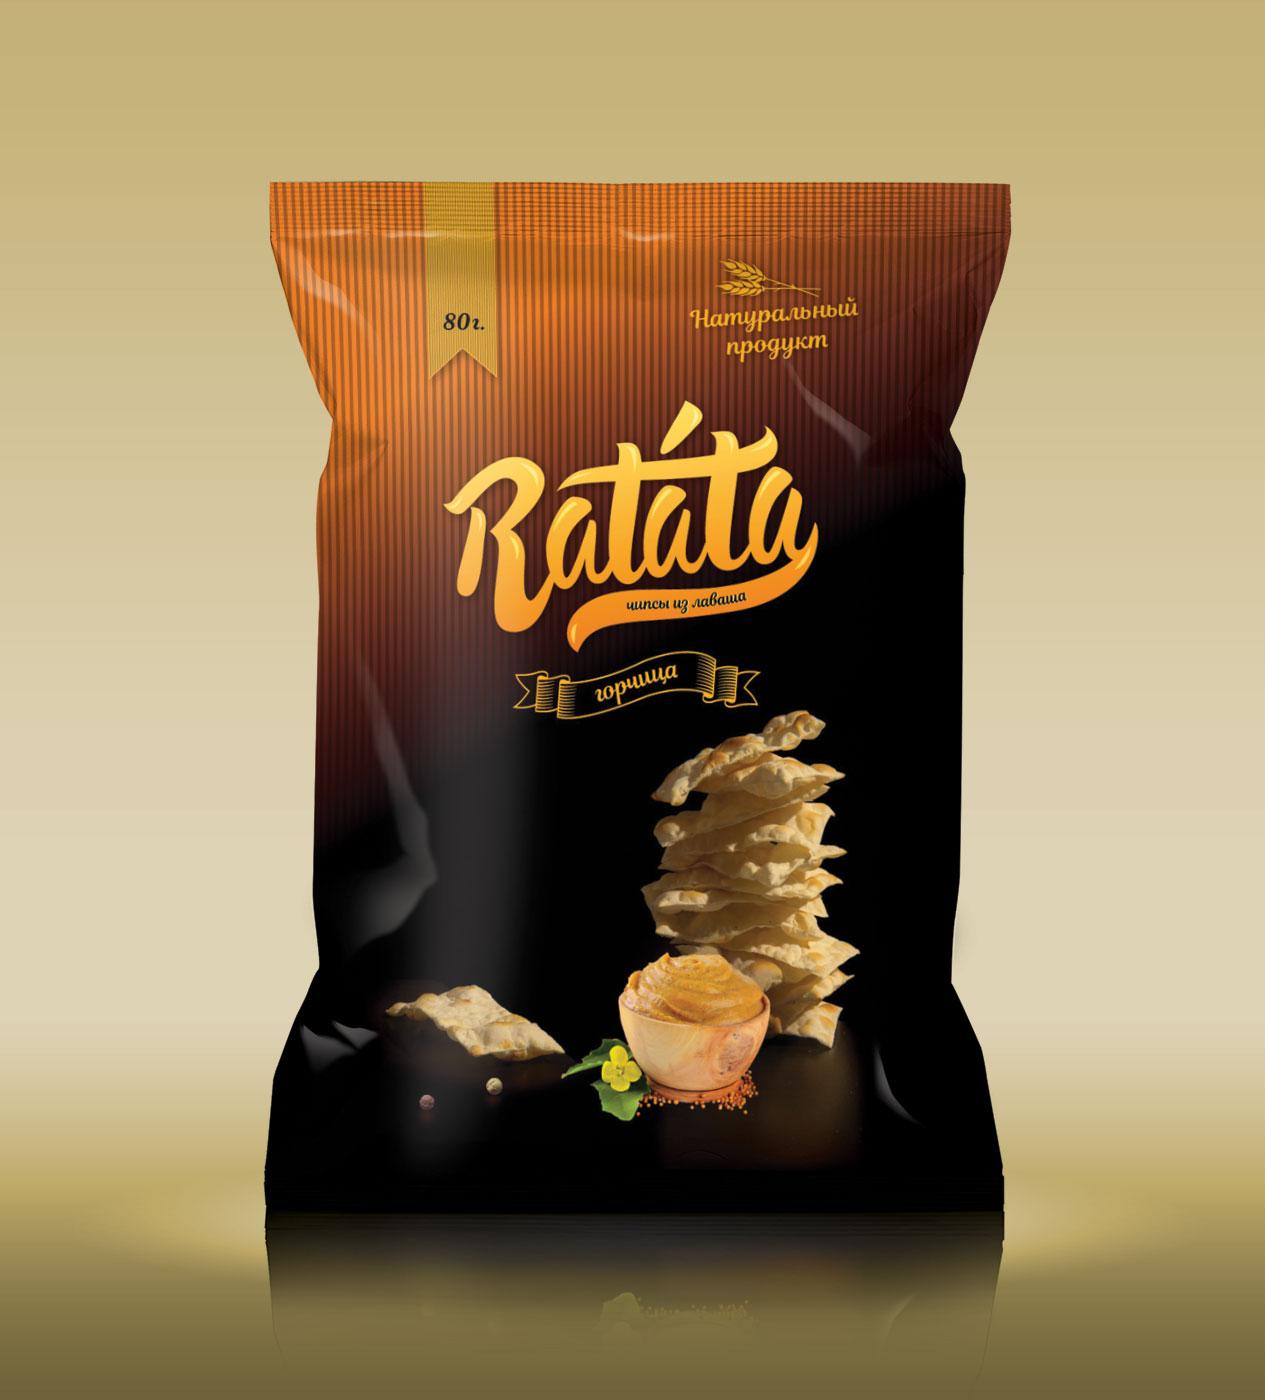 Emballage design til chips Ratatouille sennep